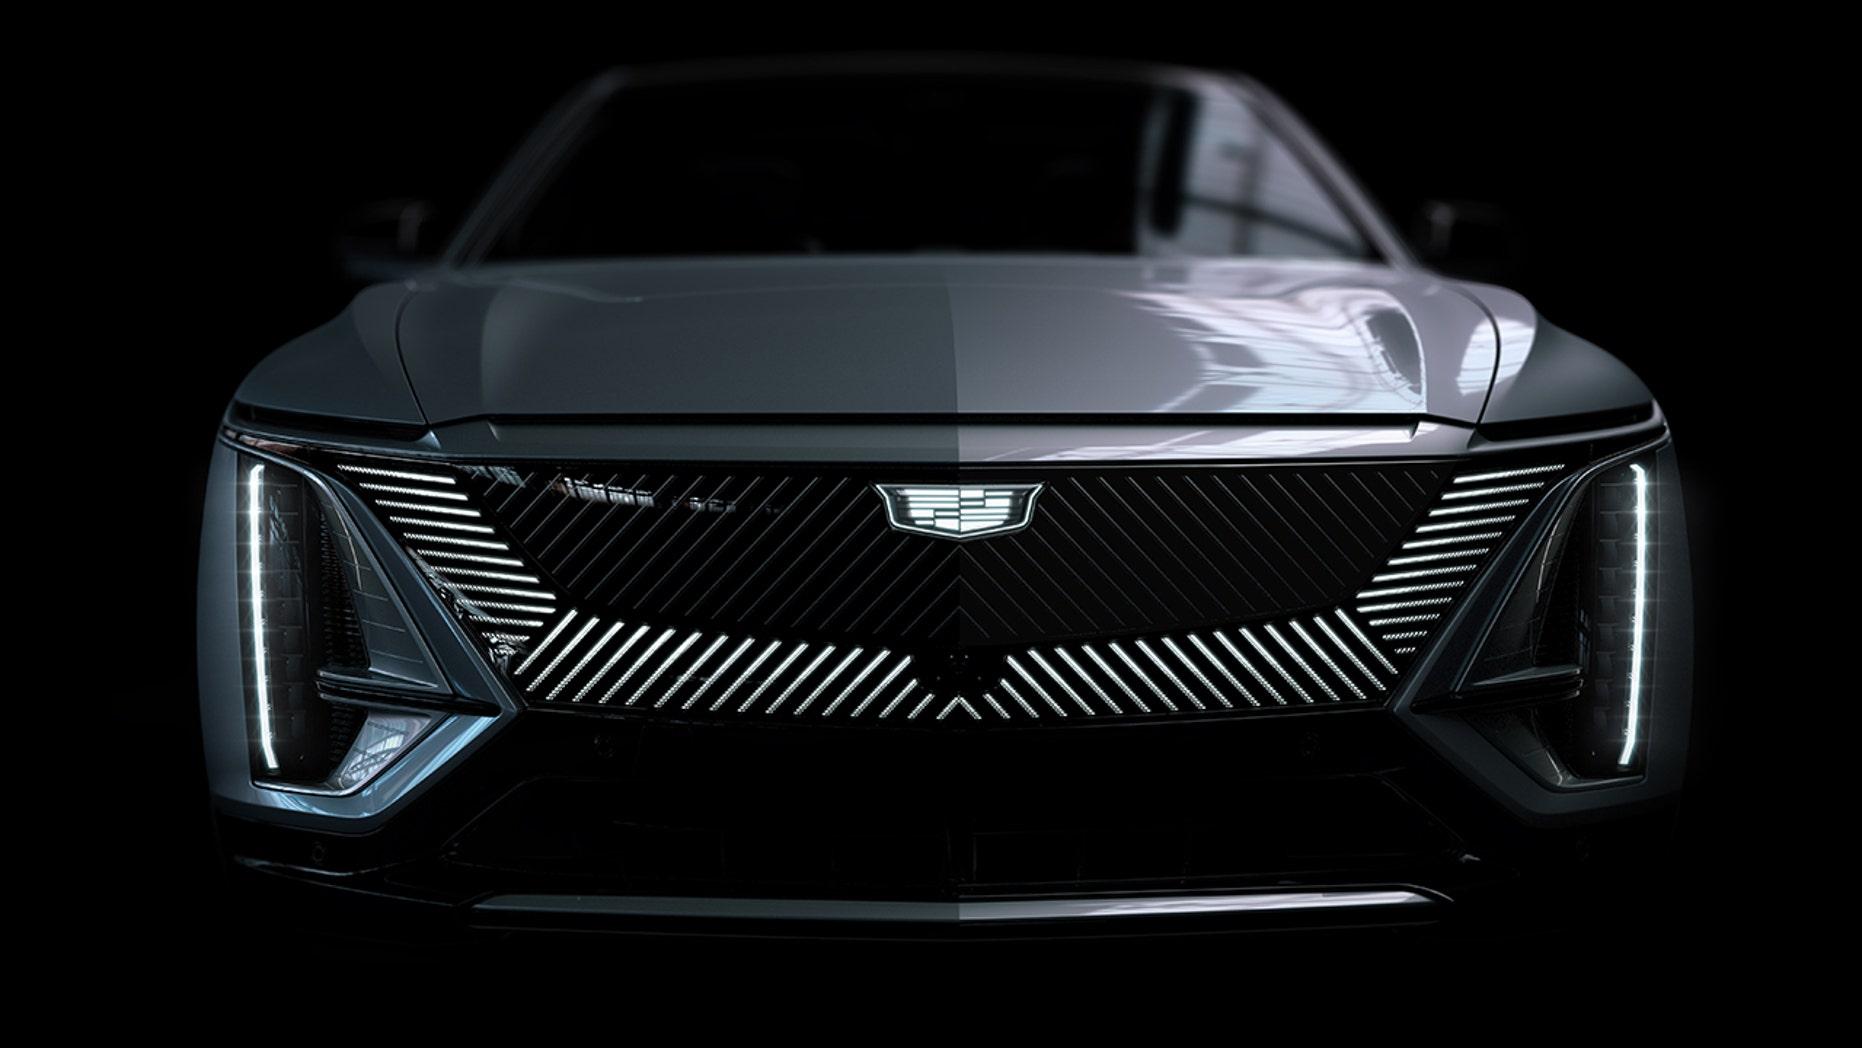 Lyriq akan meluncurkan lencana baru Cadillac monokromatik. (Cadillac)